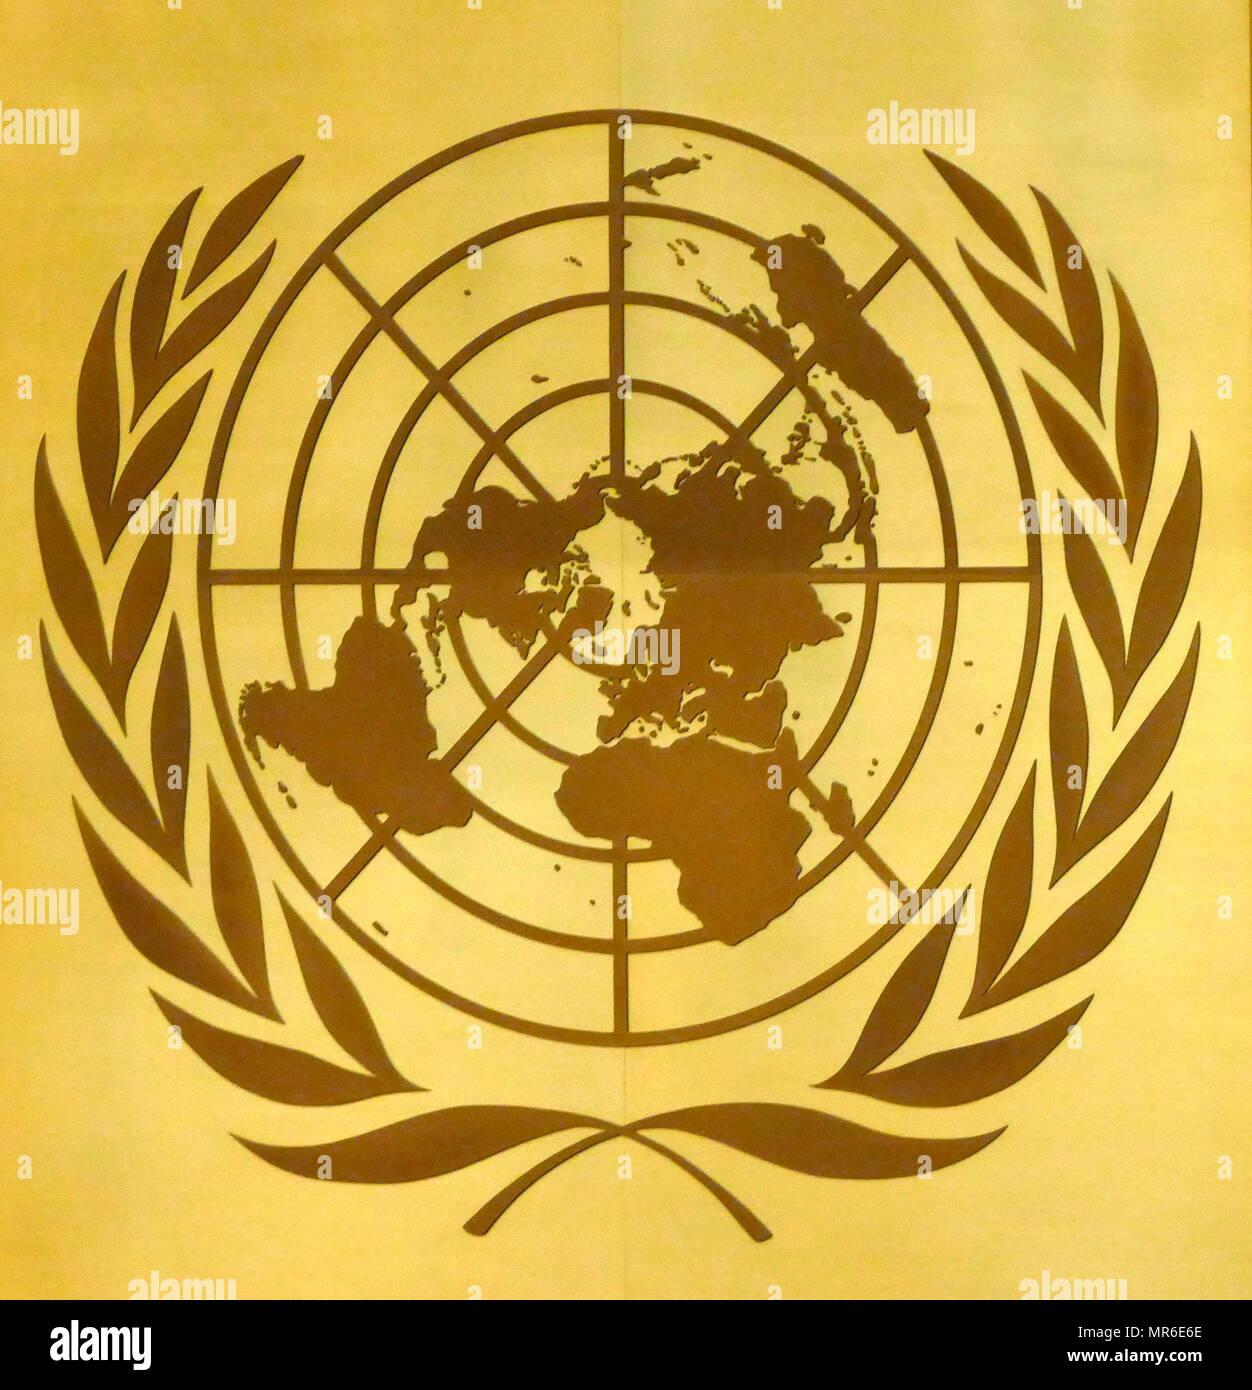 UN-Emblem im Hauptquartier der Vereinten Nationen in Genf, Schweiz Stockbild